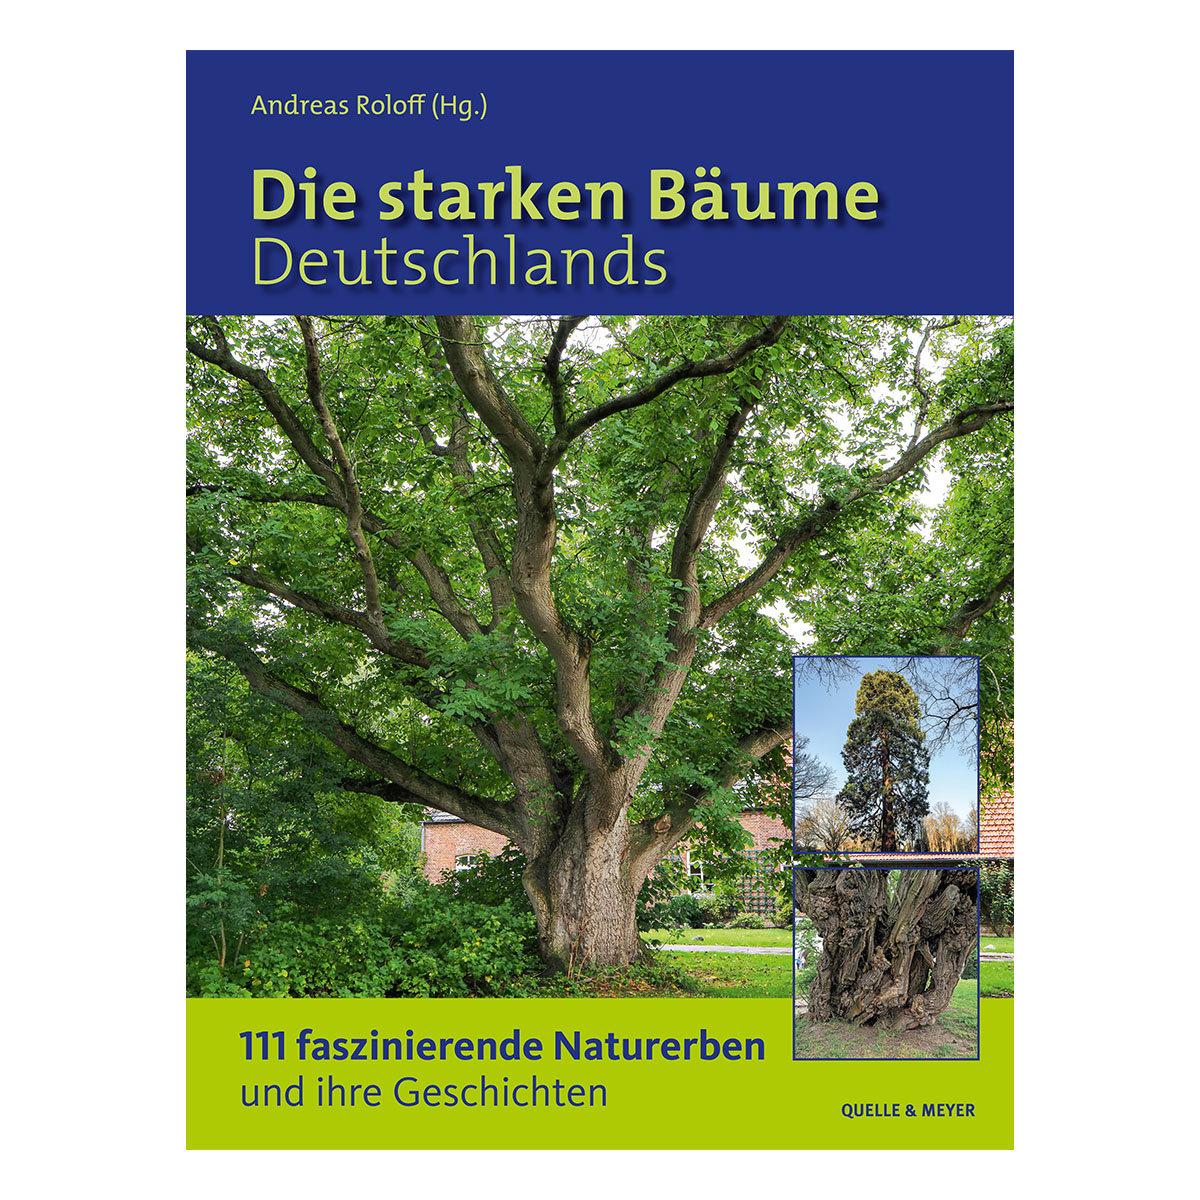 Die starken Bäume Deutschlands  111 faszinierende Naturerben und ihre Geschichten